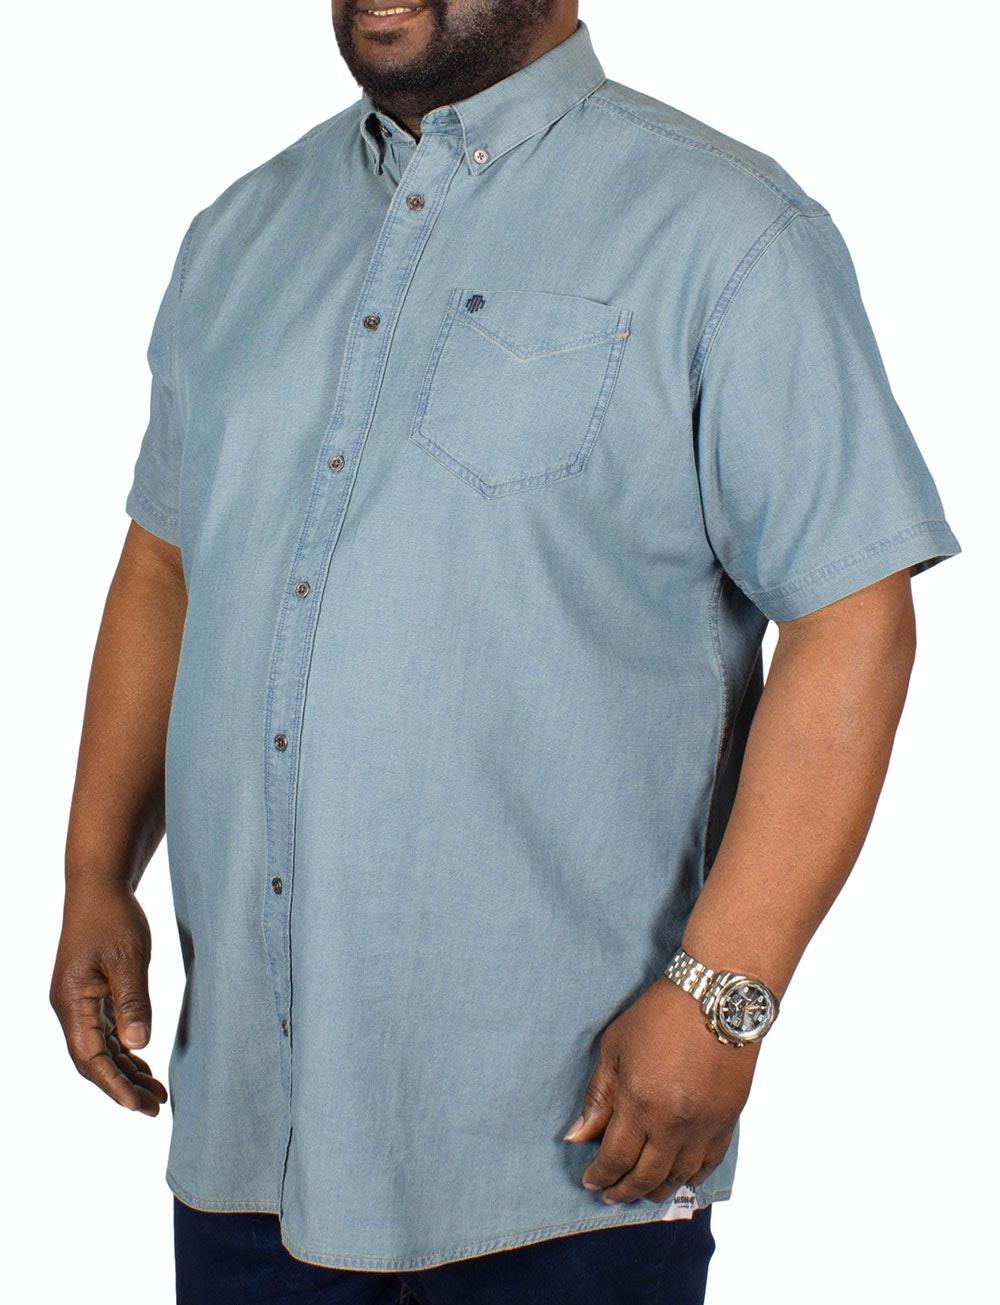 Mish Mash Denim Look Short Sleeve Shirt